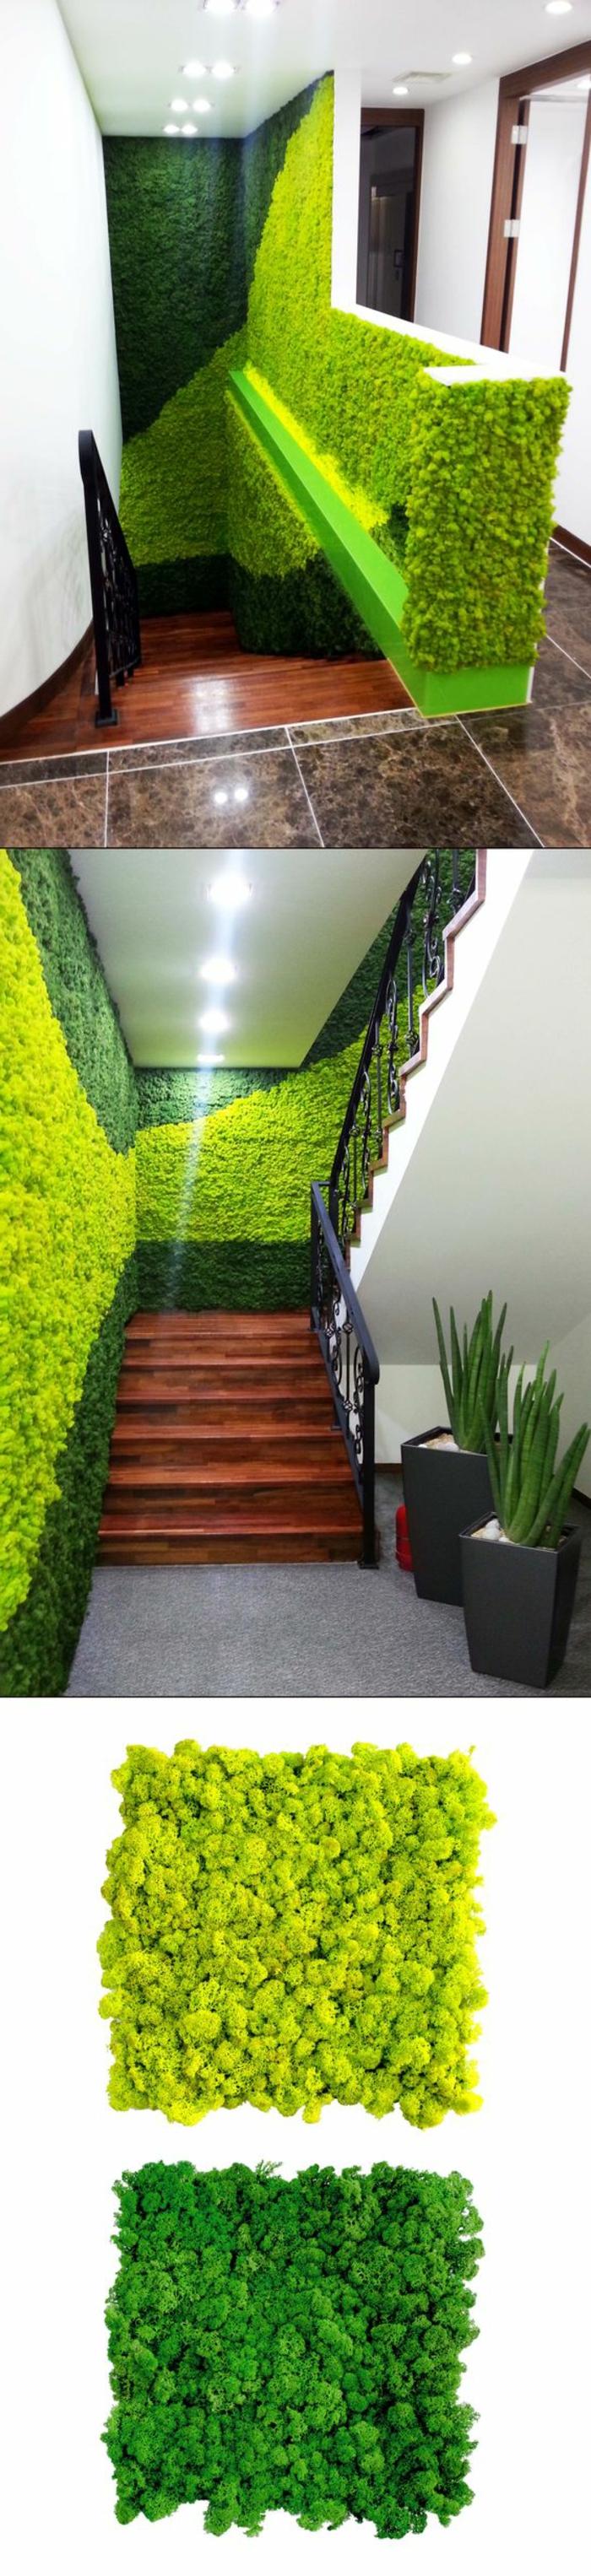 die Wände im Treppenhaus mit Moos verkleiden